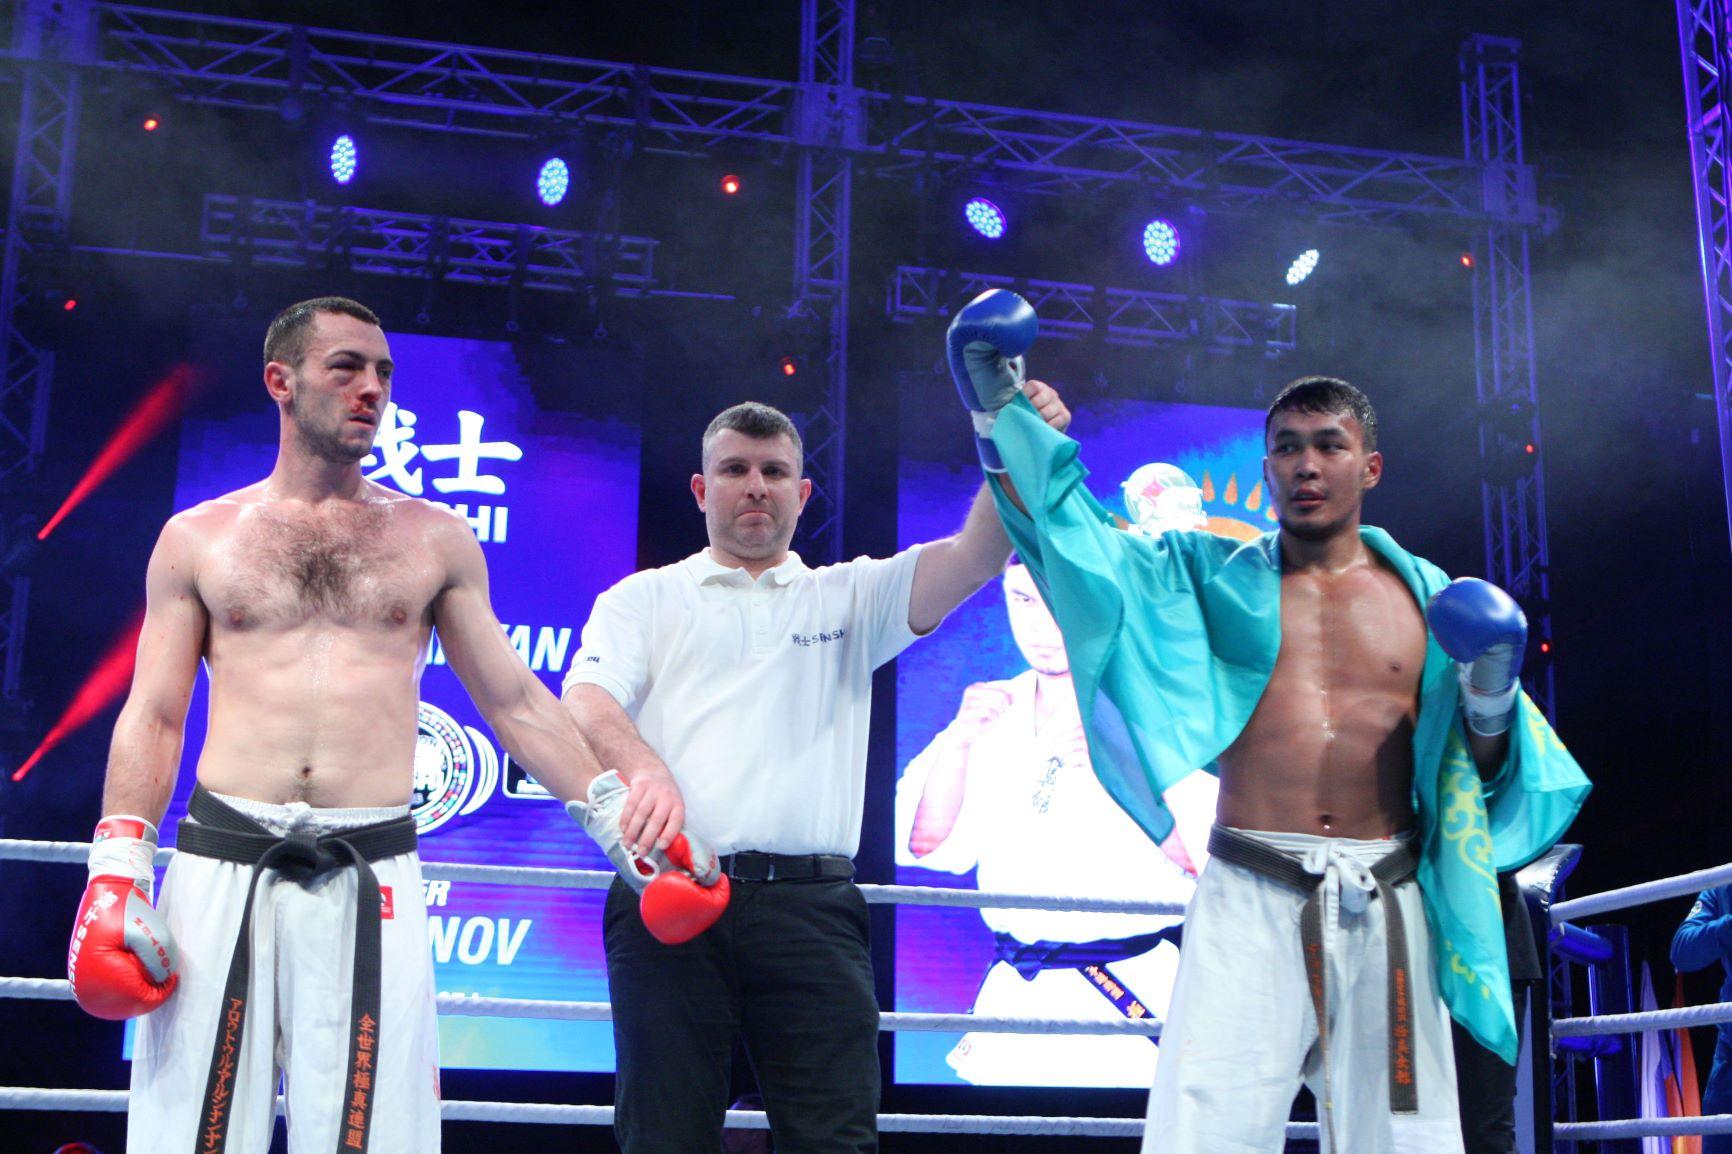 Епичен реванш между Арушанян и Карменов (ВИДЕО)